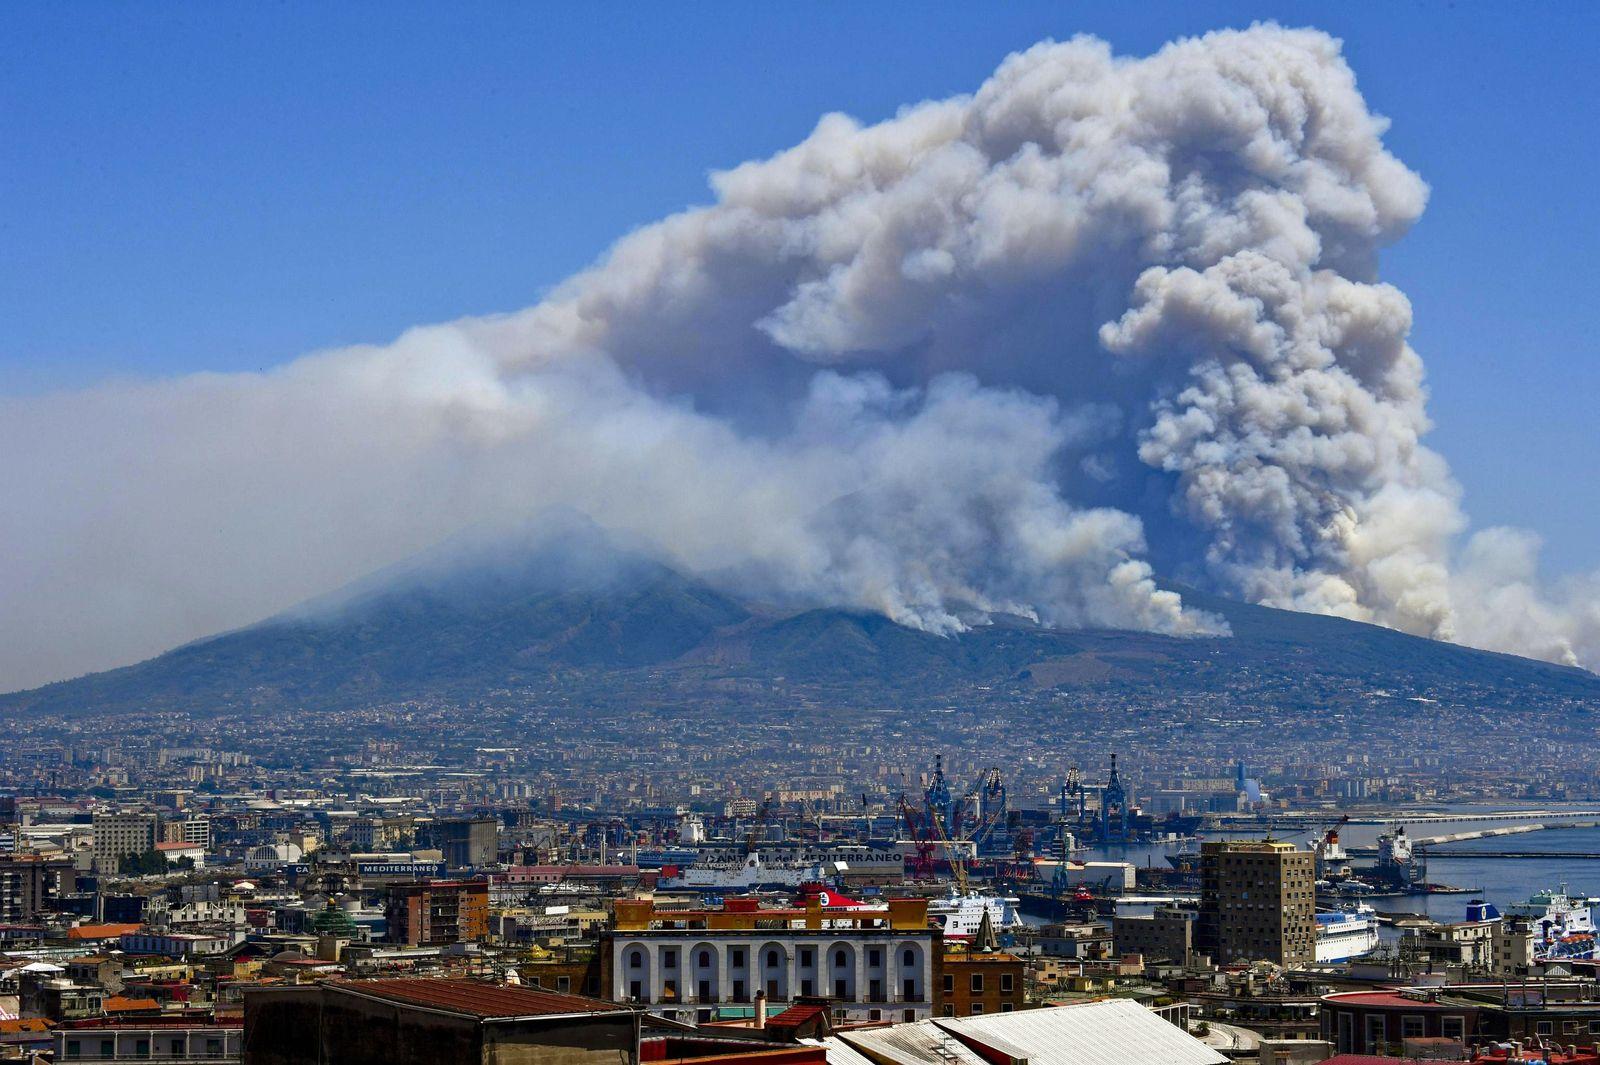 Italien/ Vesuv/ Waldbrände